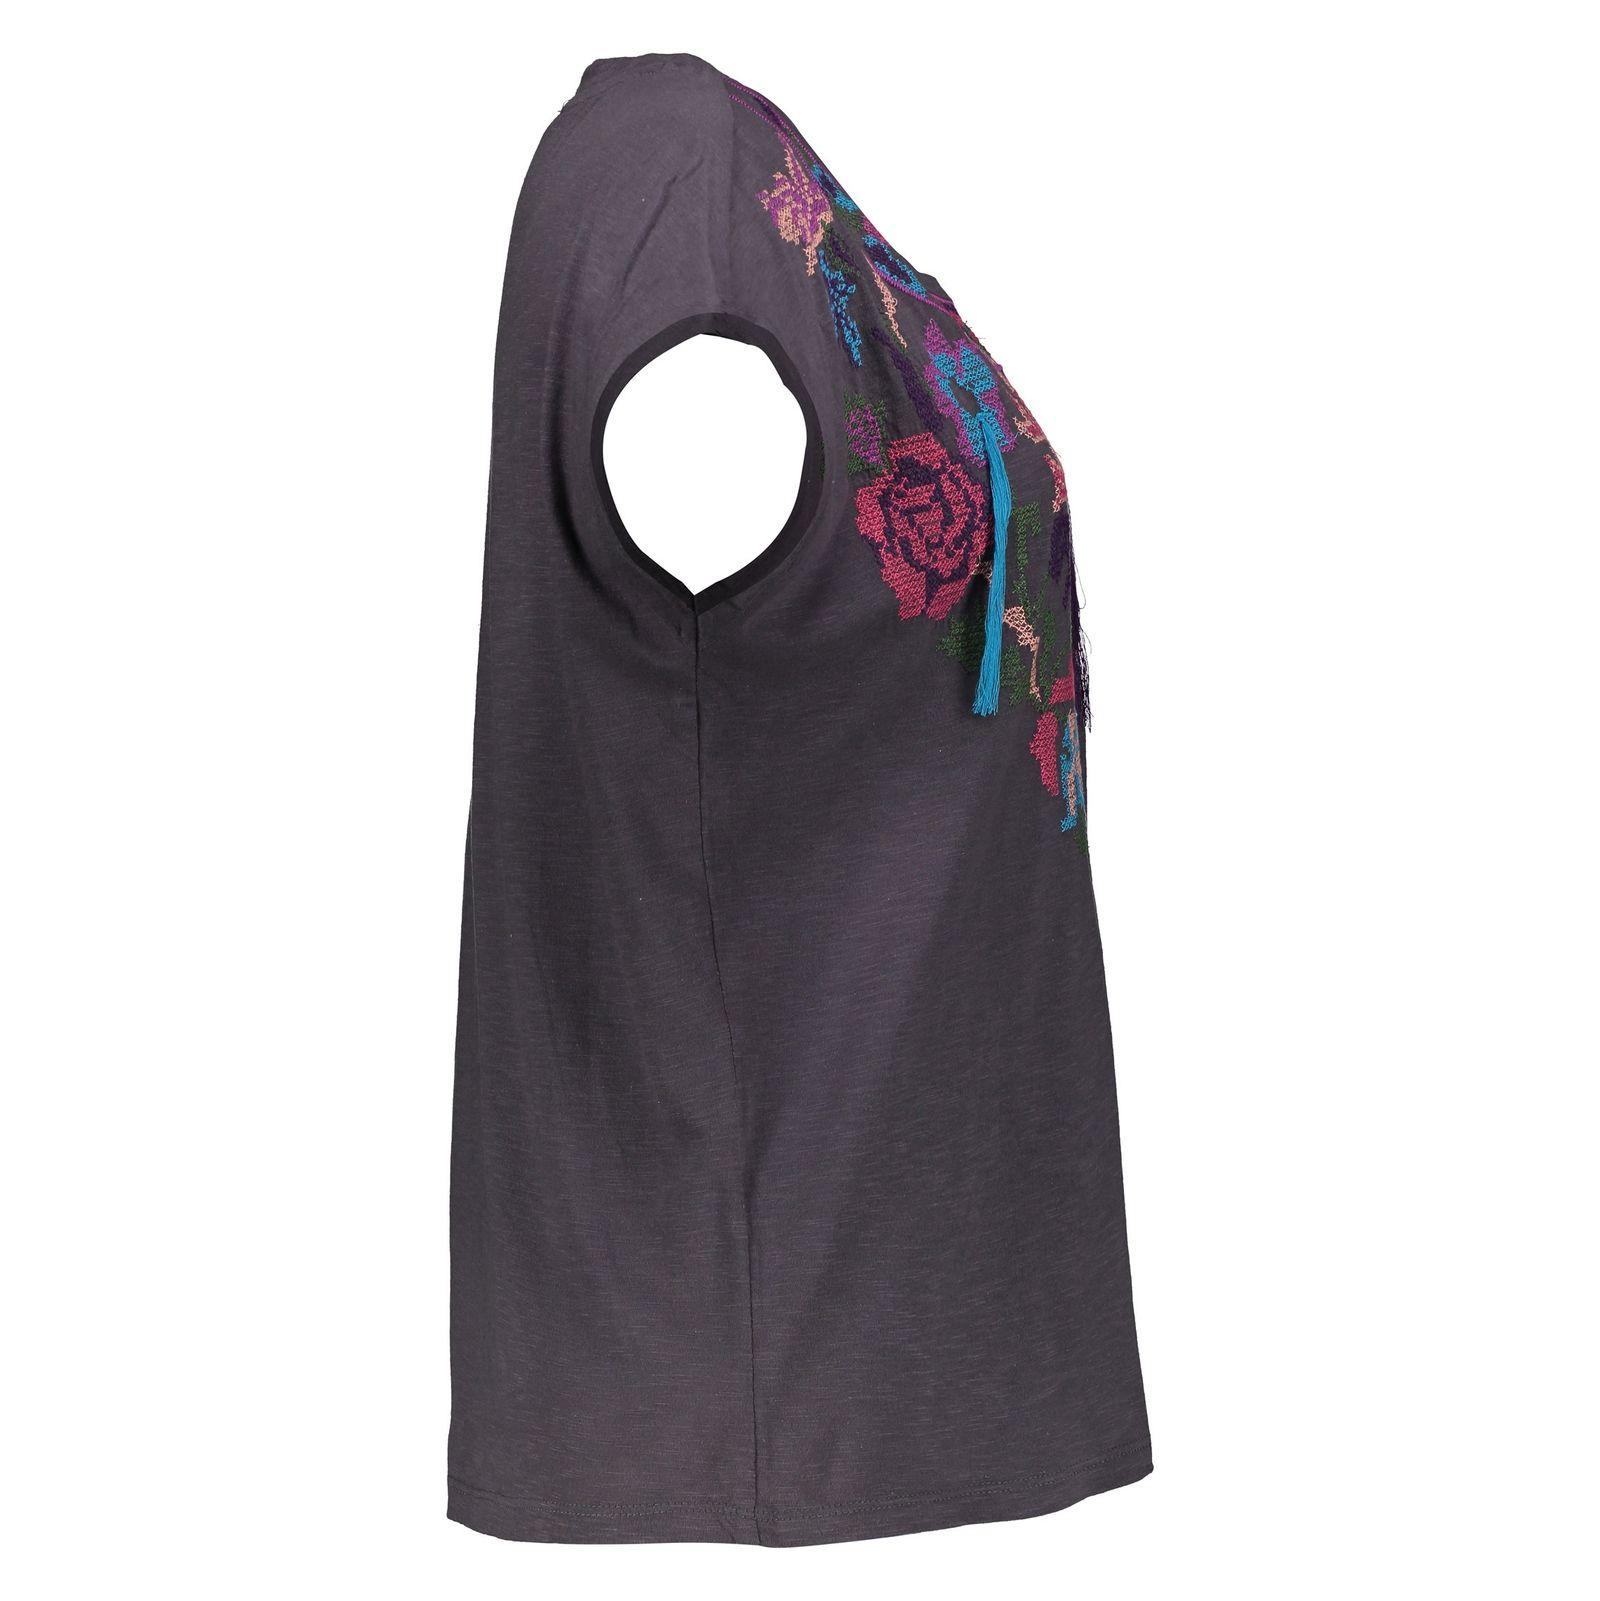 تی شرت نخی یقه گرد زنانه - ویولتا بای مانگو - طوسی - 2